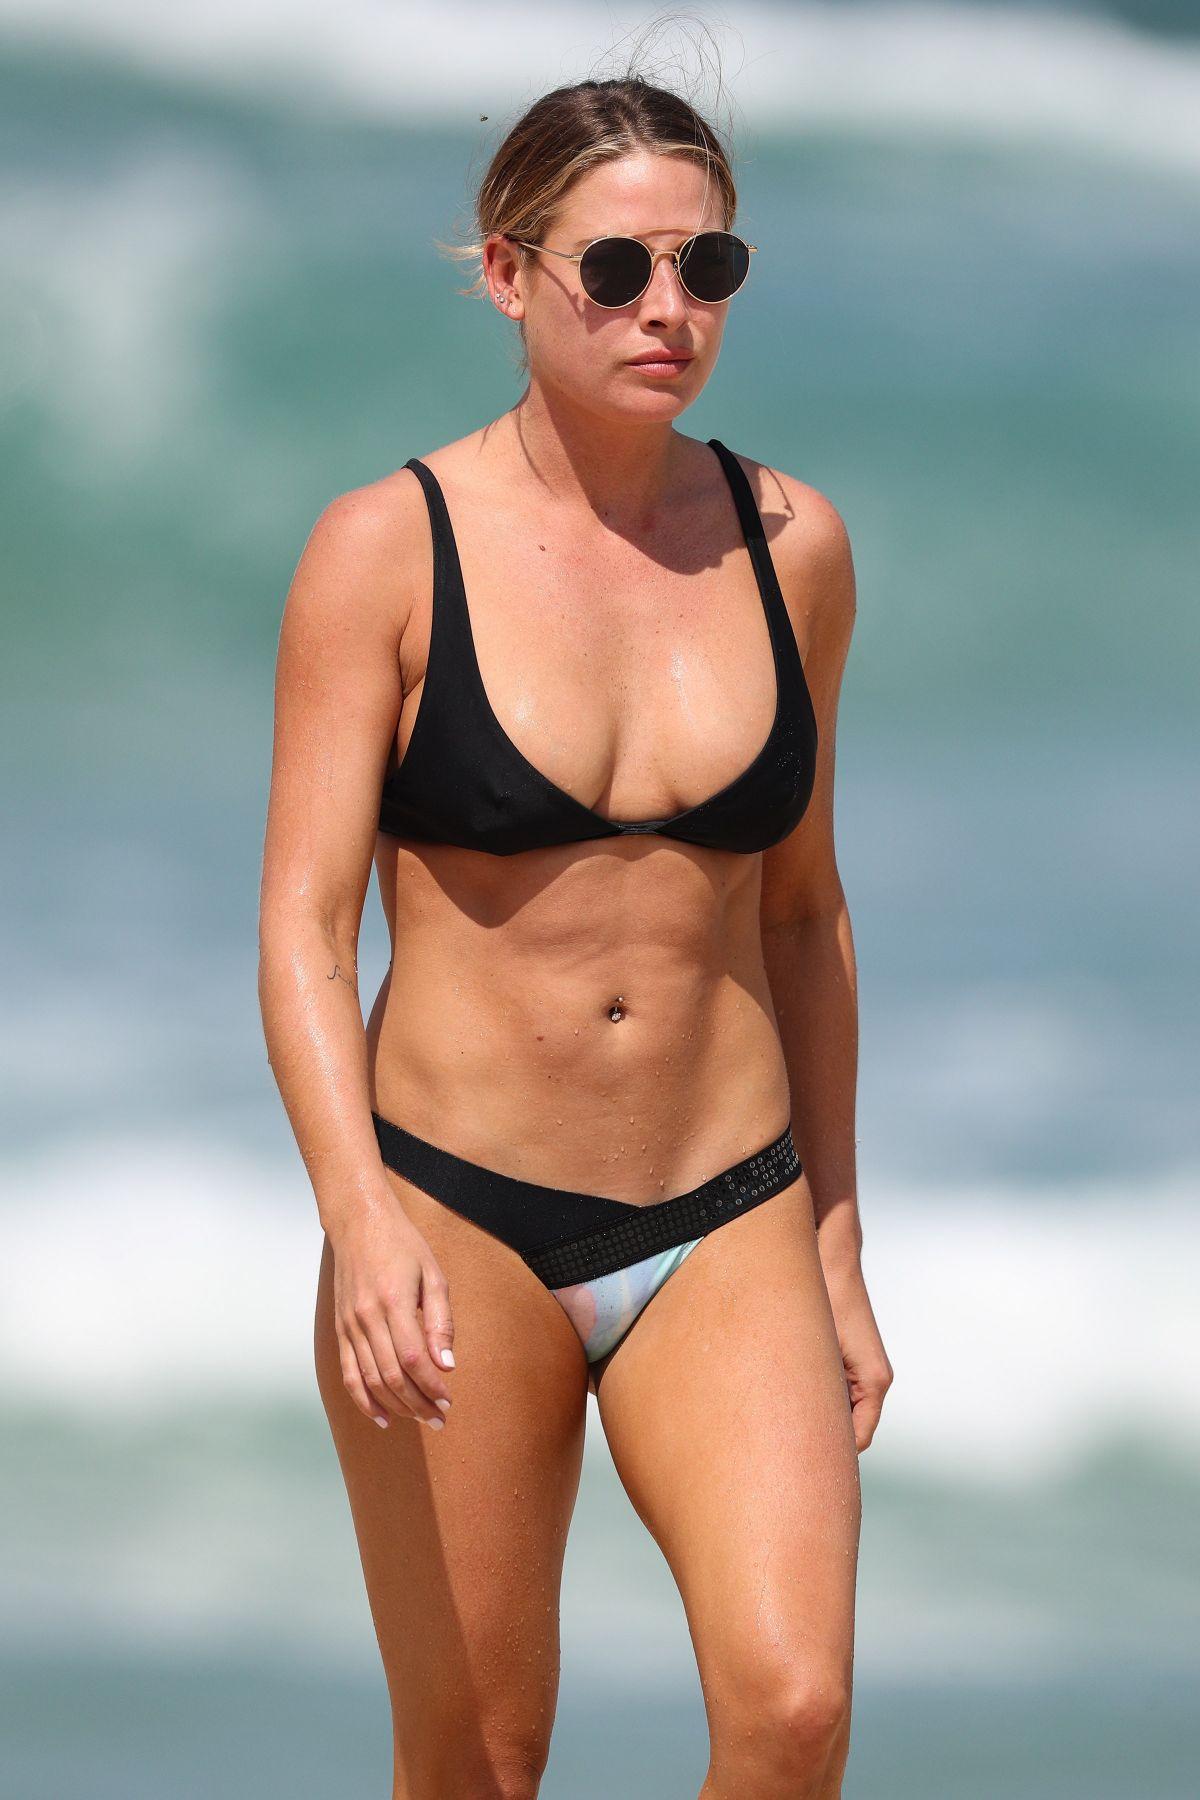 Bikini Lisa Clarke nudes (78 photo), Topless, Bikini, Selfie, in bikini 2019